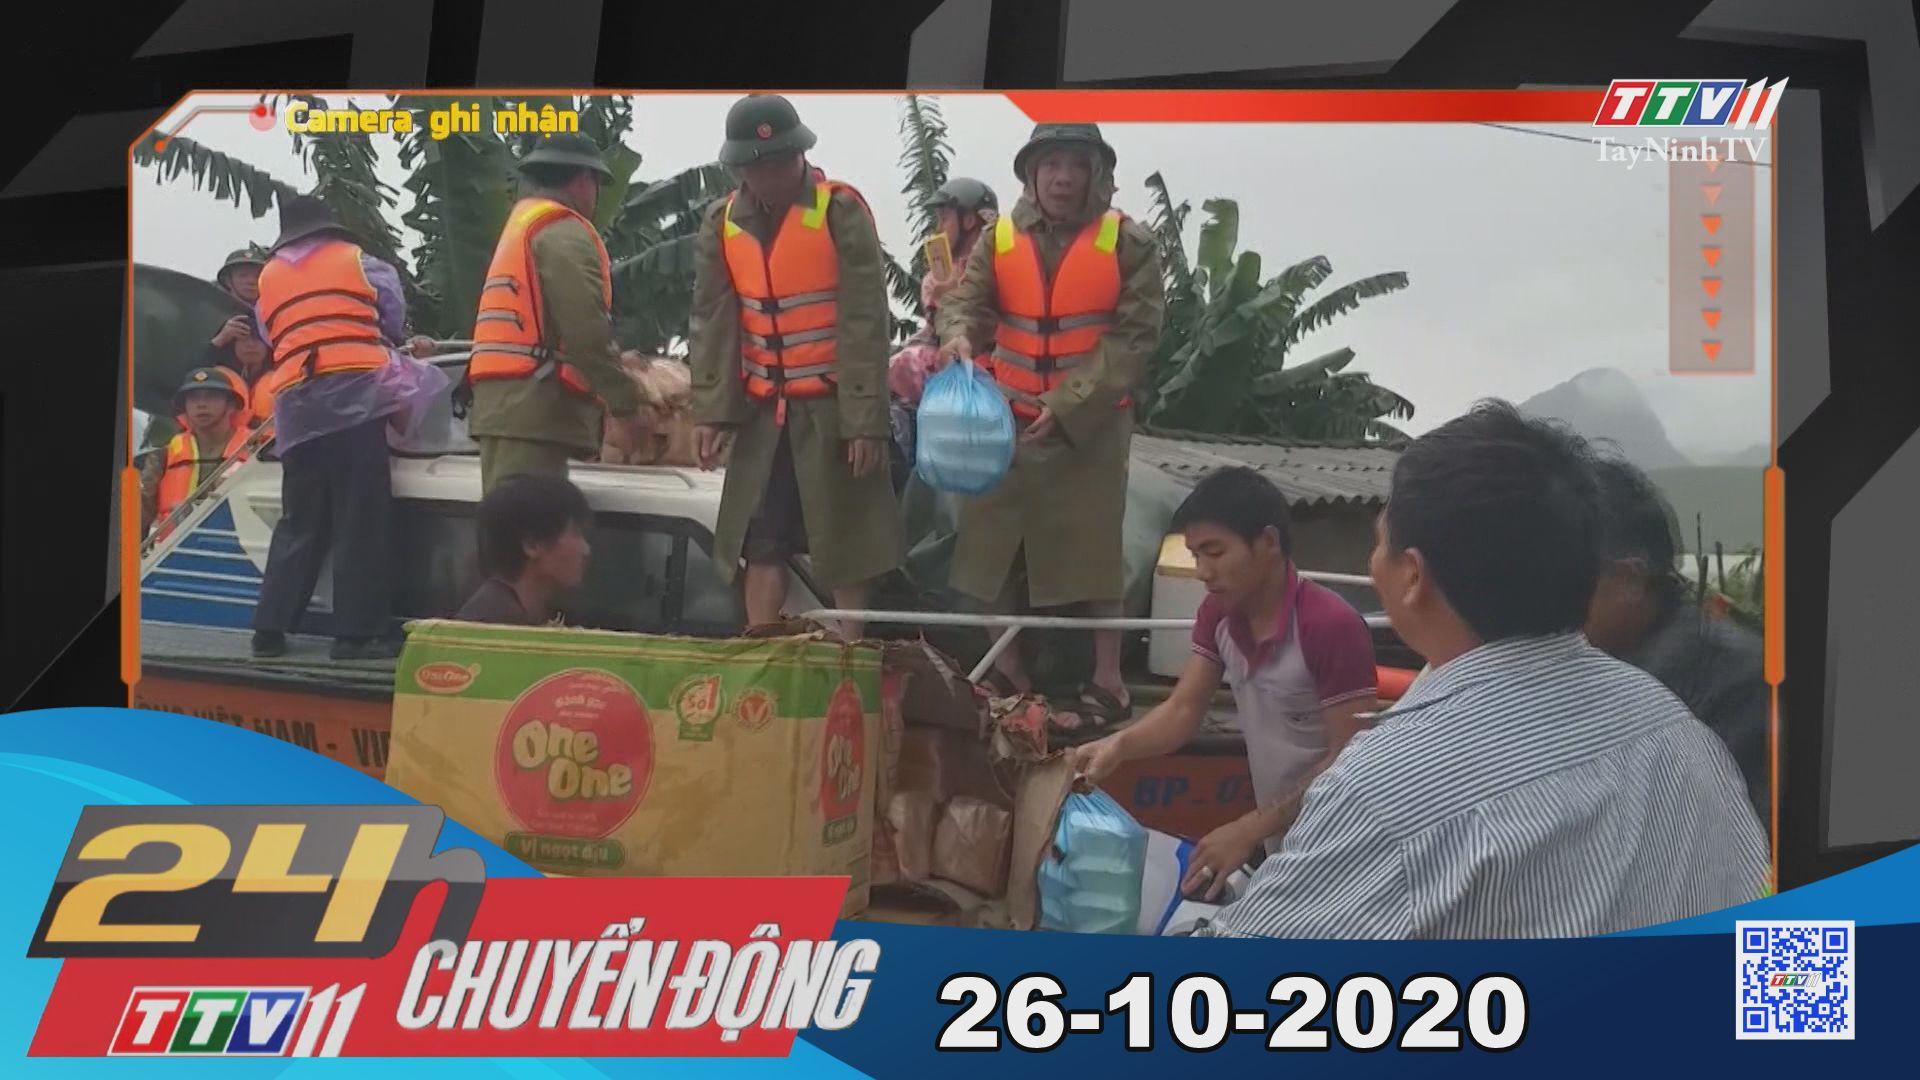 24h Chuyển động 26-10-2020 | Tin tức hôm nay | TayNinhTV